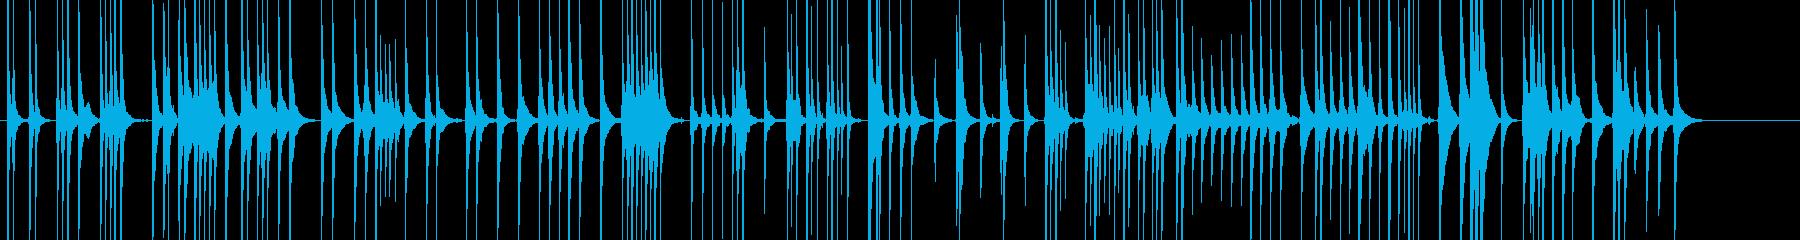 三味線111連獅子4一声歌舞伎生音和風親の再生済みの波形